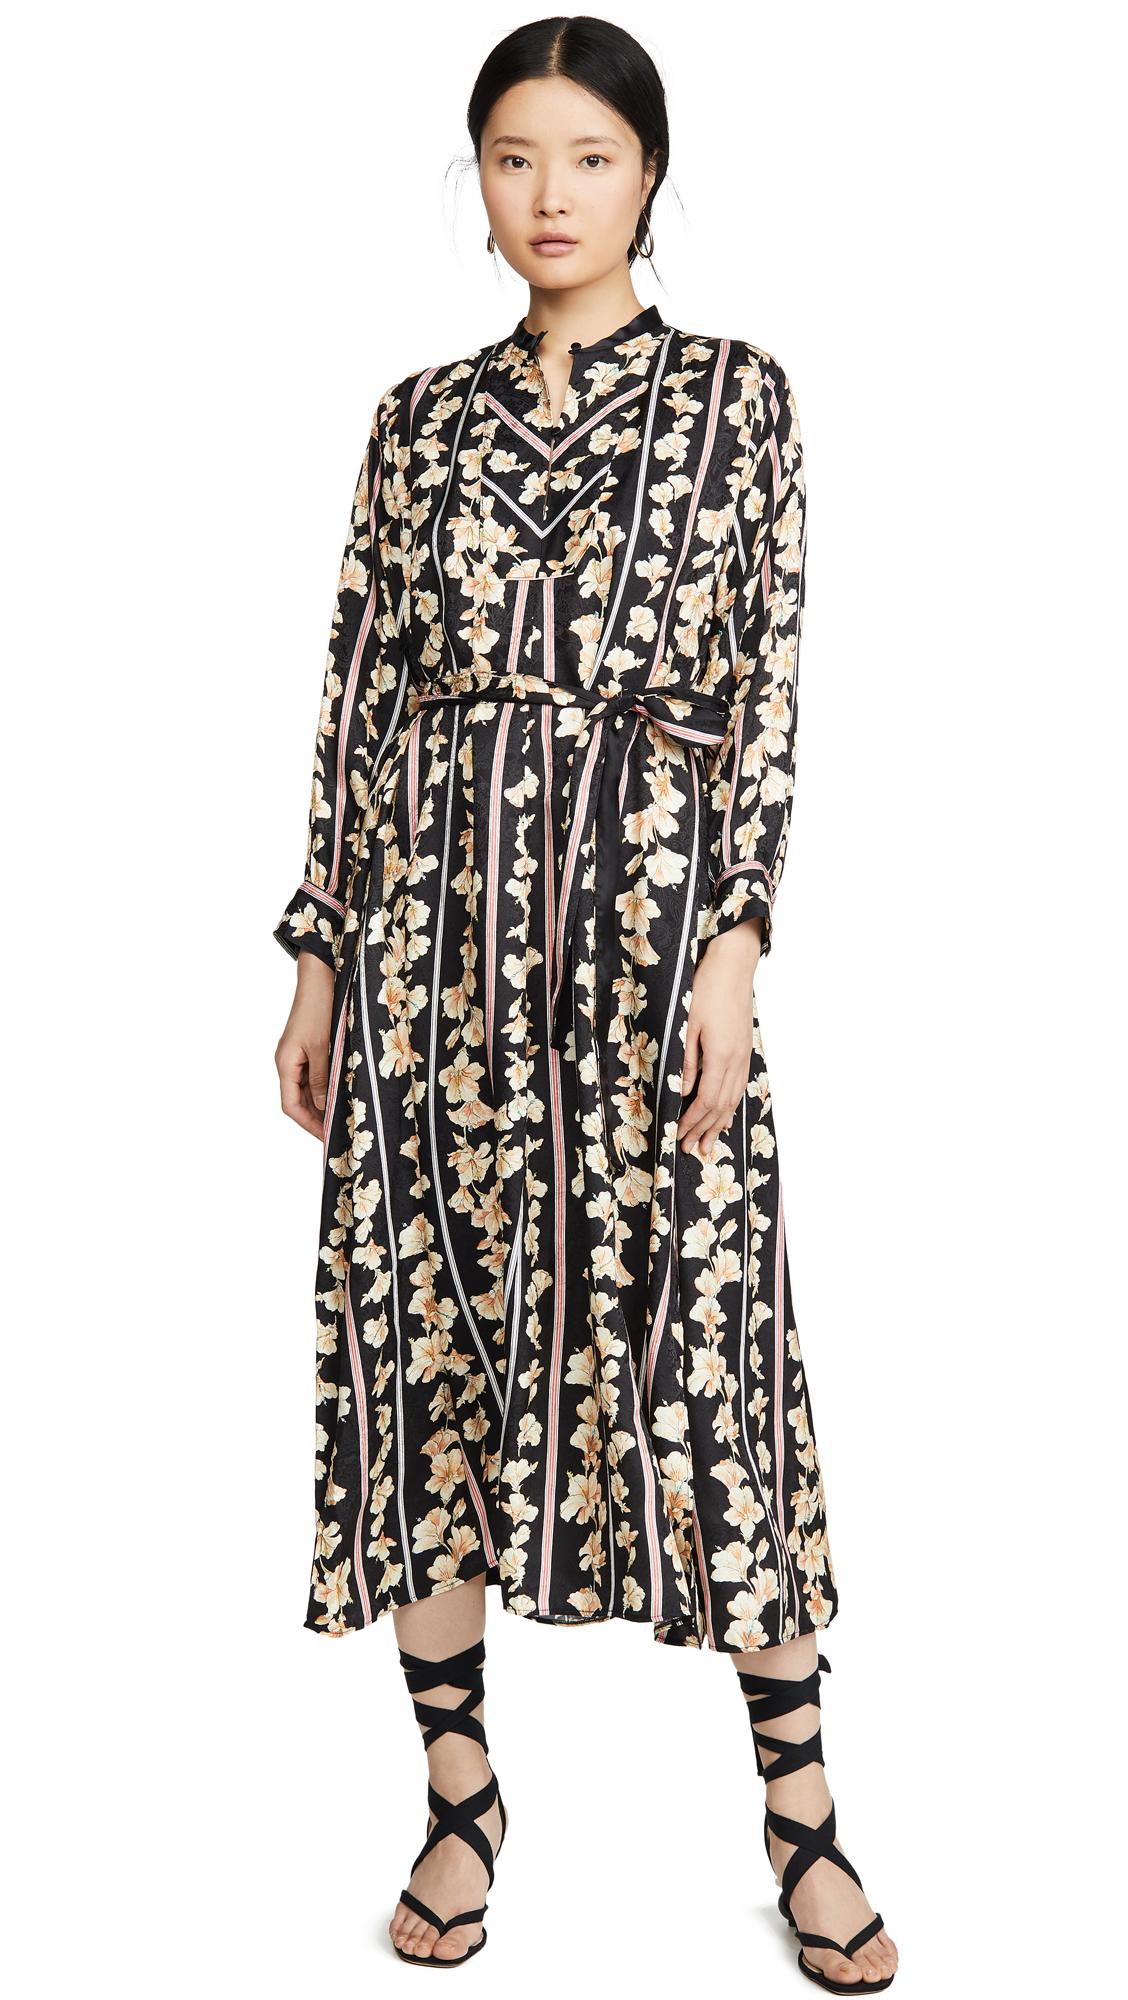 Photo of Forte Forte Guadaloupe Print Fluid Jacquard Belted Kaftan Dress - shop Forte Forte Clothing, Dresses online